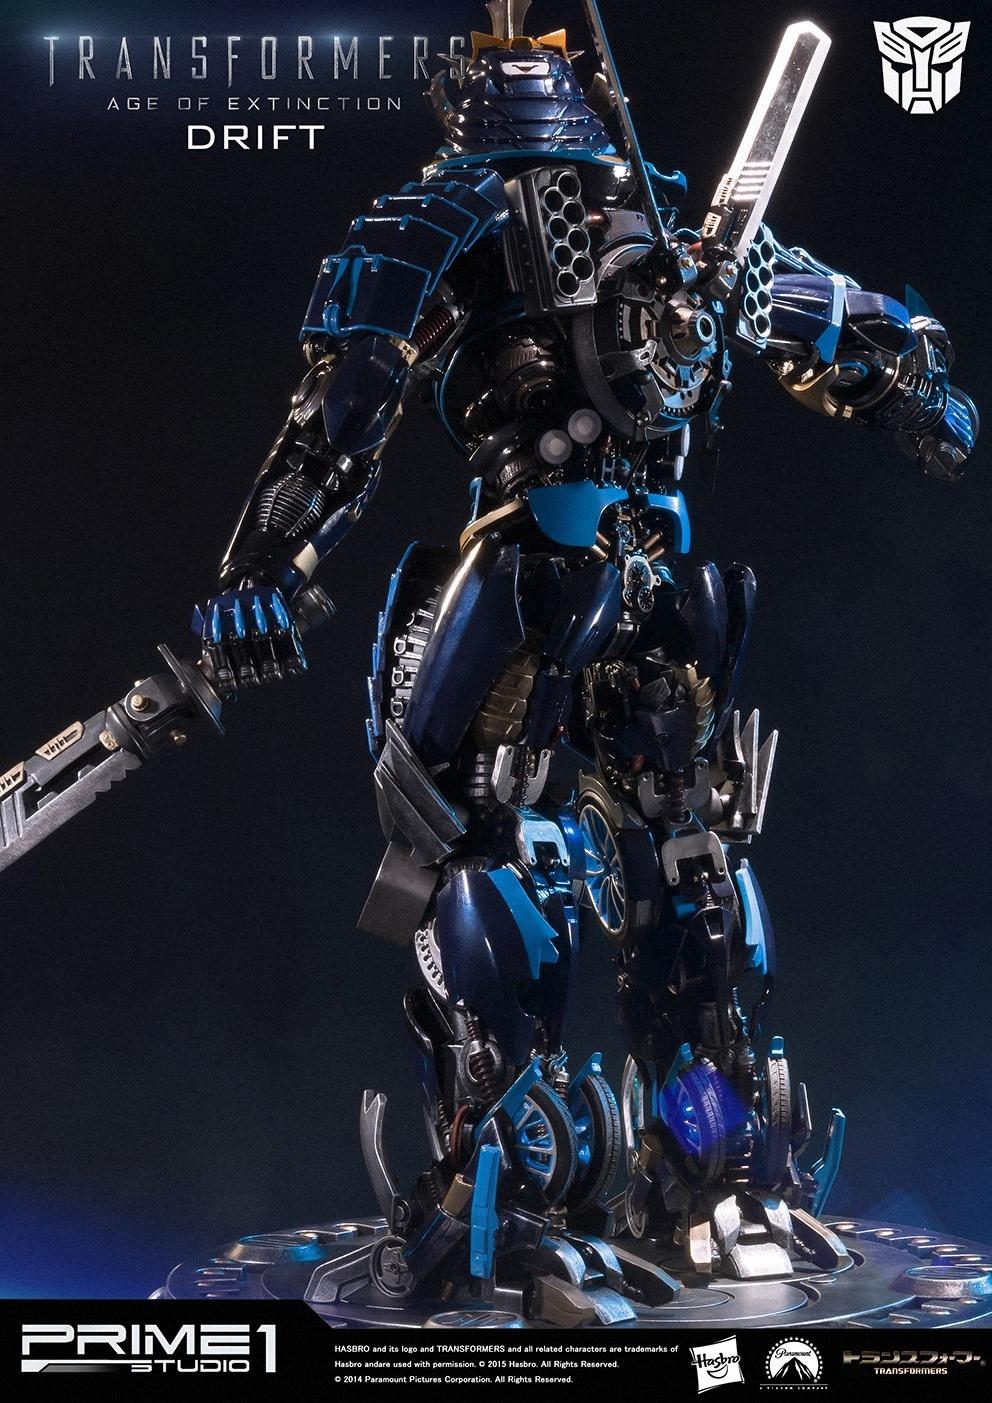 Statues des Films Transformers (articulé, non transformable) ― Par Prime1Studio, M3 Studio, Concept Zone, Super Fans Group, Soap Studio, Soldier Story Toys, etc - Page 3 557832image1423753836